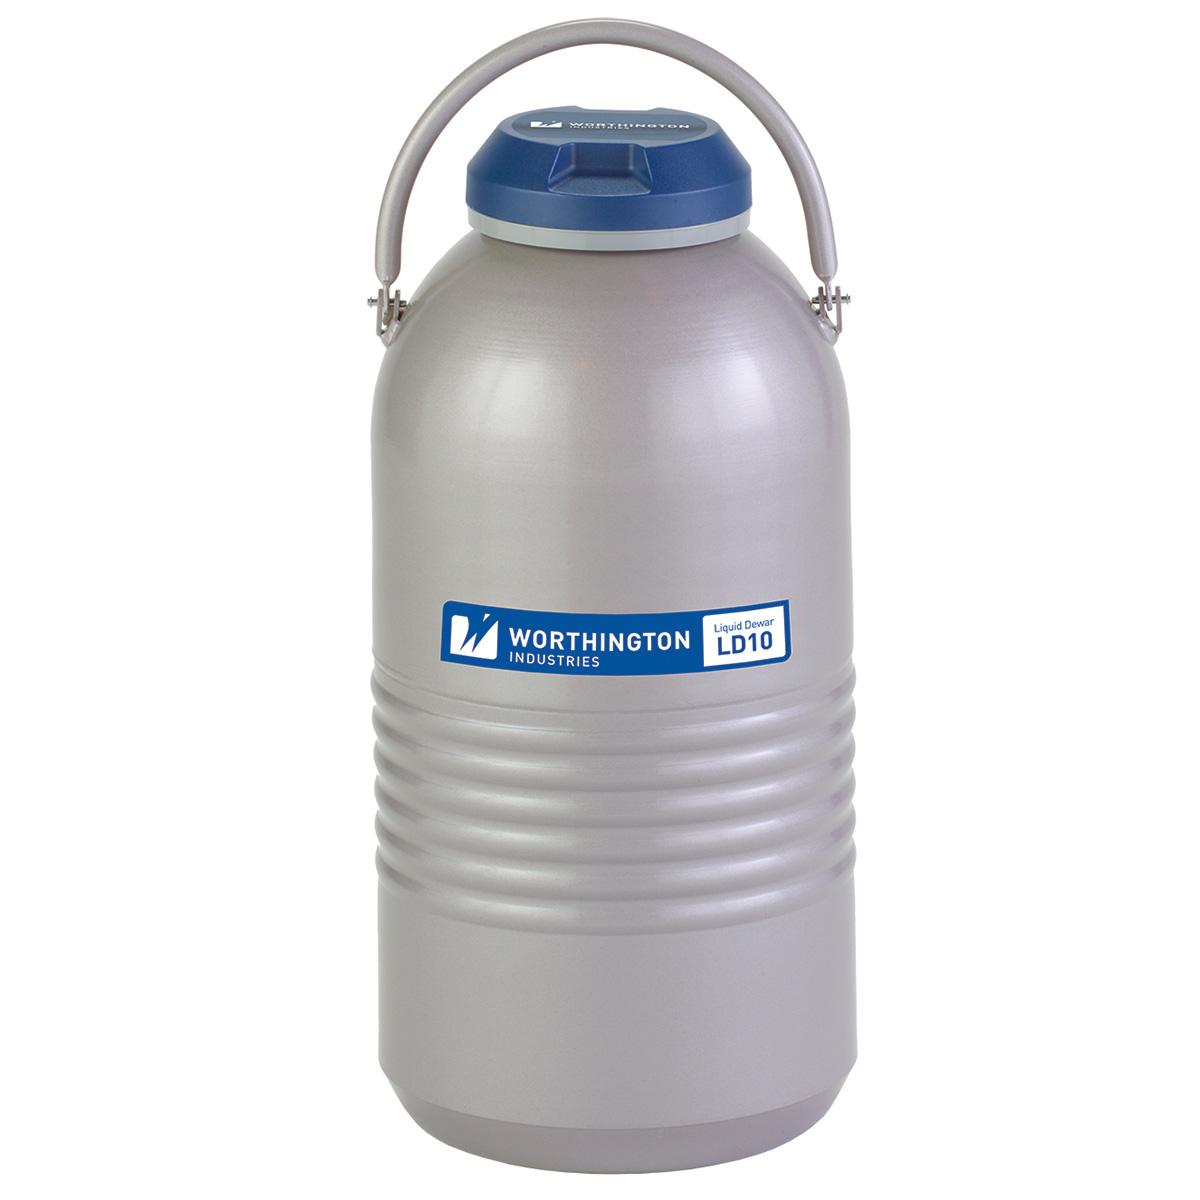 Tanque Dewar de Almacenamiento para Nitrógeno Líquido Image